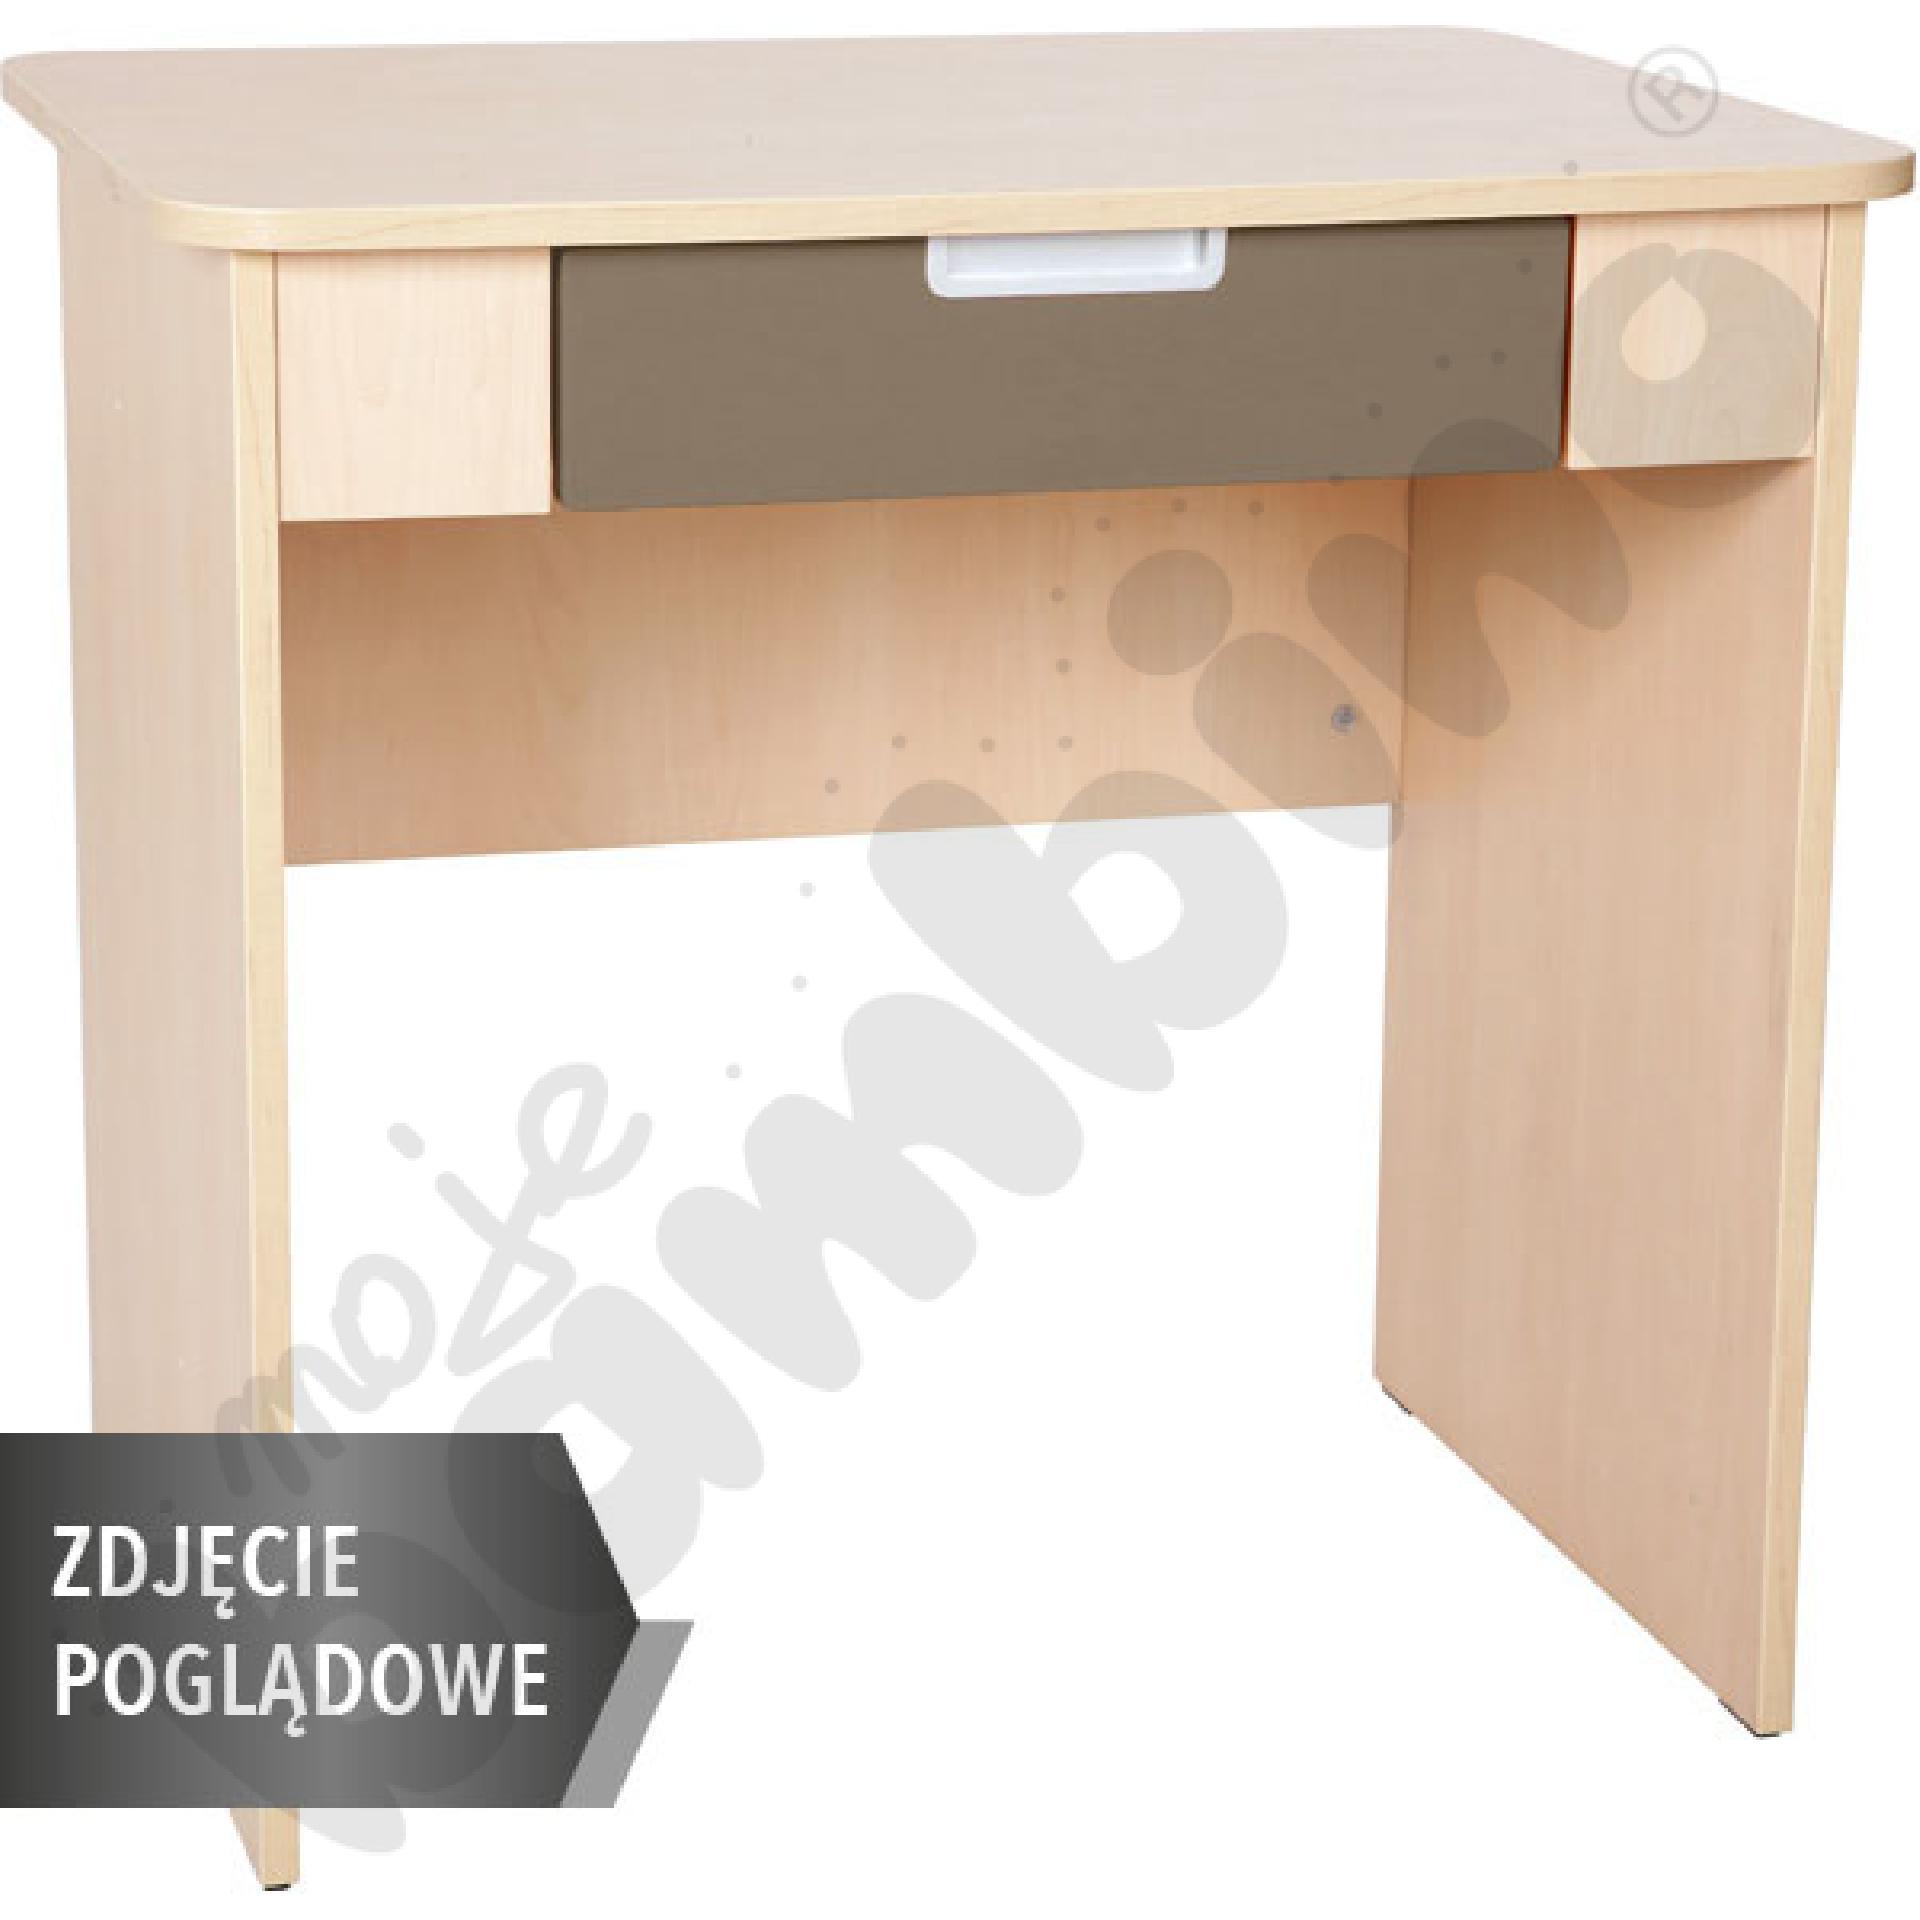 Quadro - biurko z szeroką szufladą - brązowe, w białej skrzyni